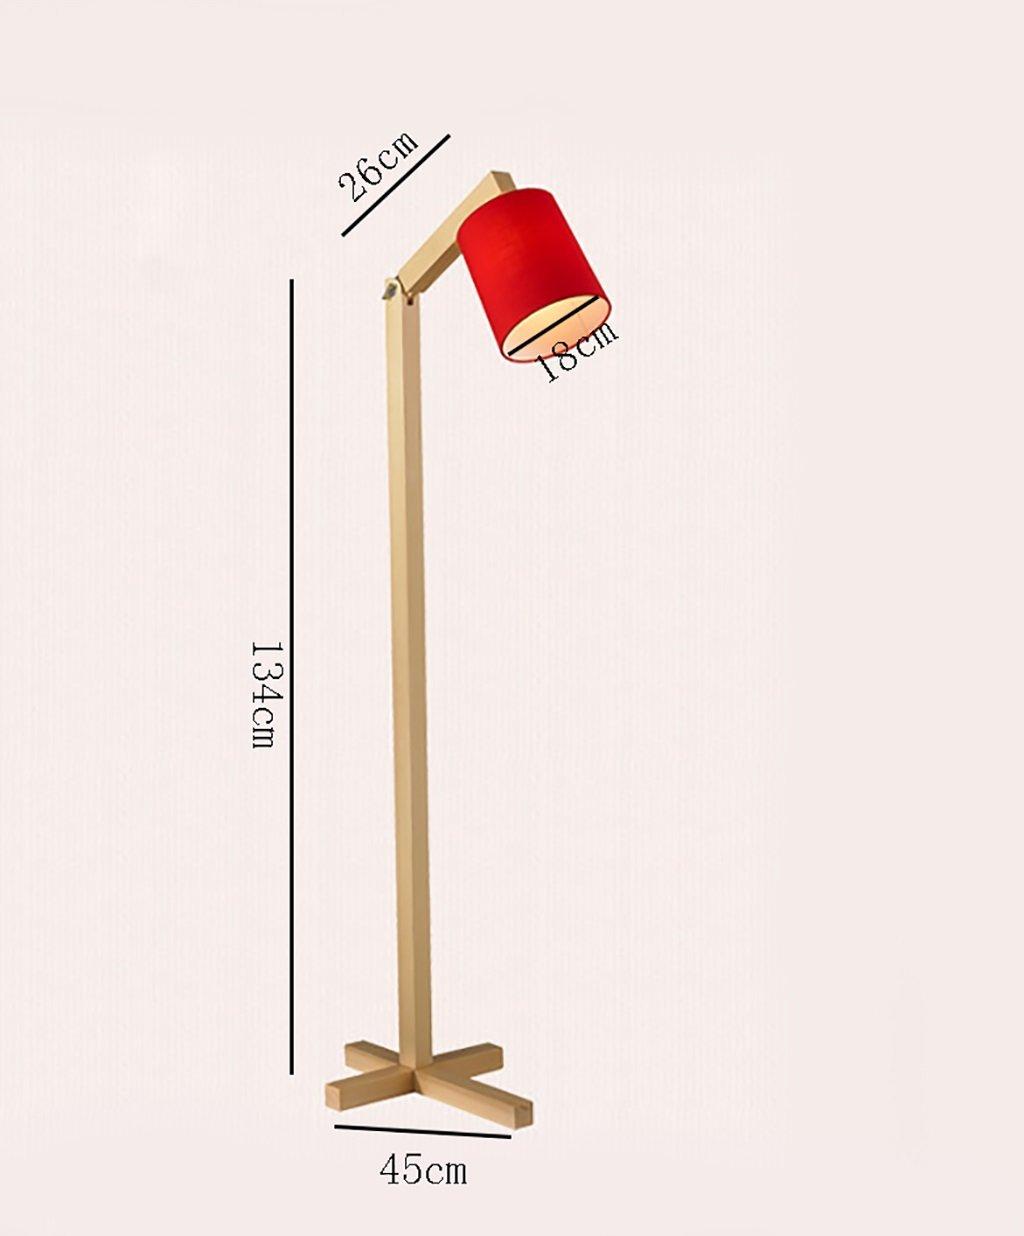 Amazon.com: QYJZI Floor Lamps European living room bedroom floor lamp/modern minimalist floor lamp/solid wood vertical floor lamp (Color : Red): Home & ...